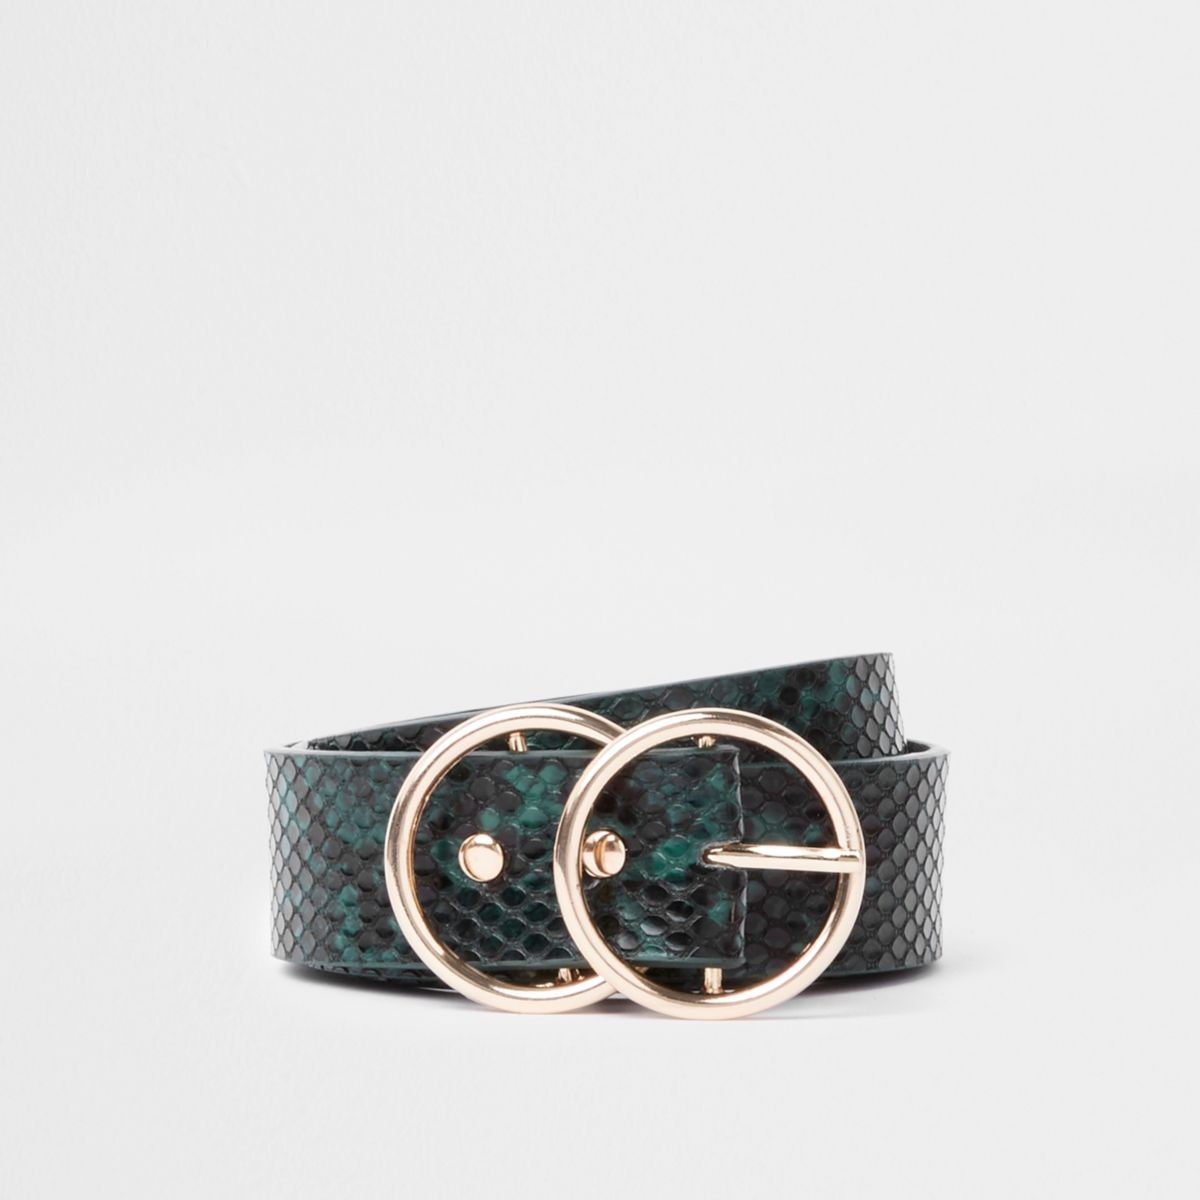 Groene riem met slangenprint in reliëf en twee ringen